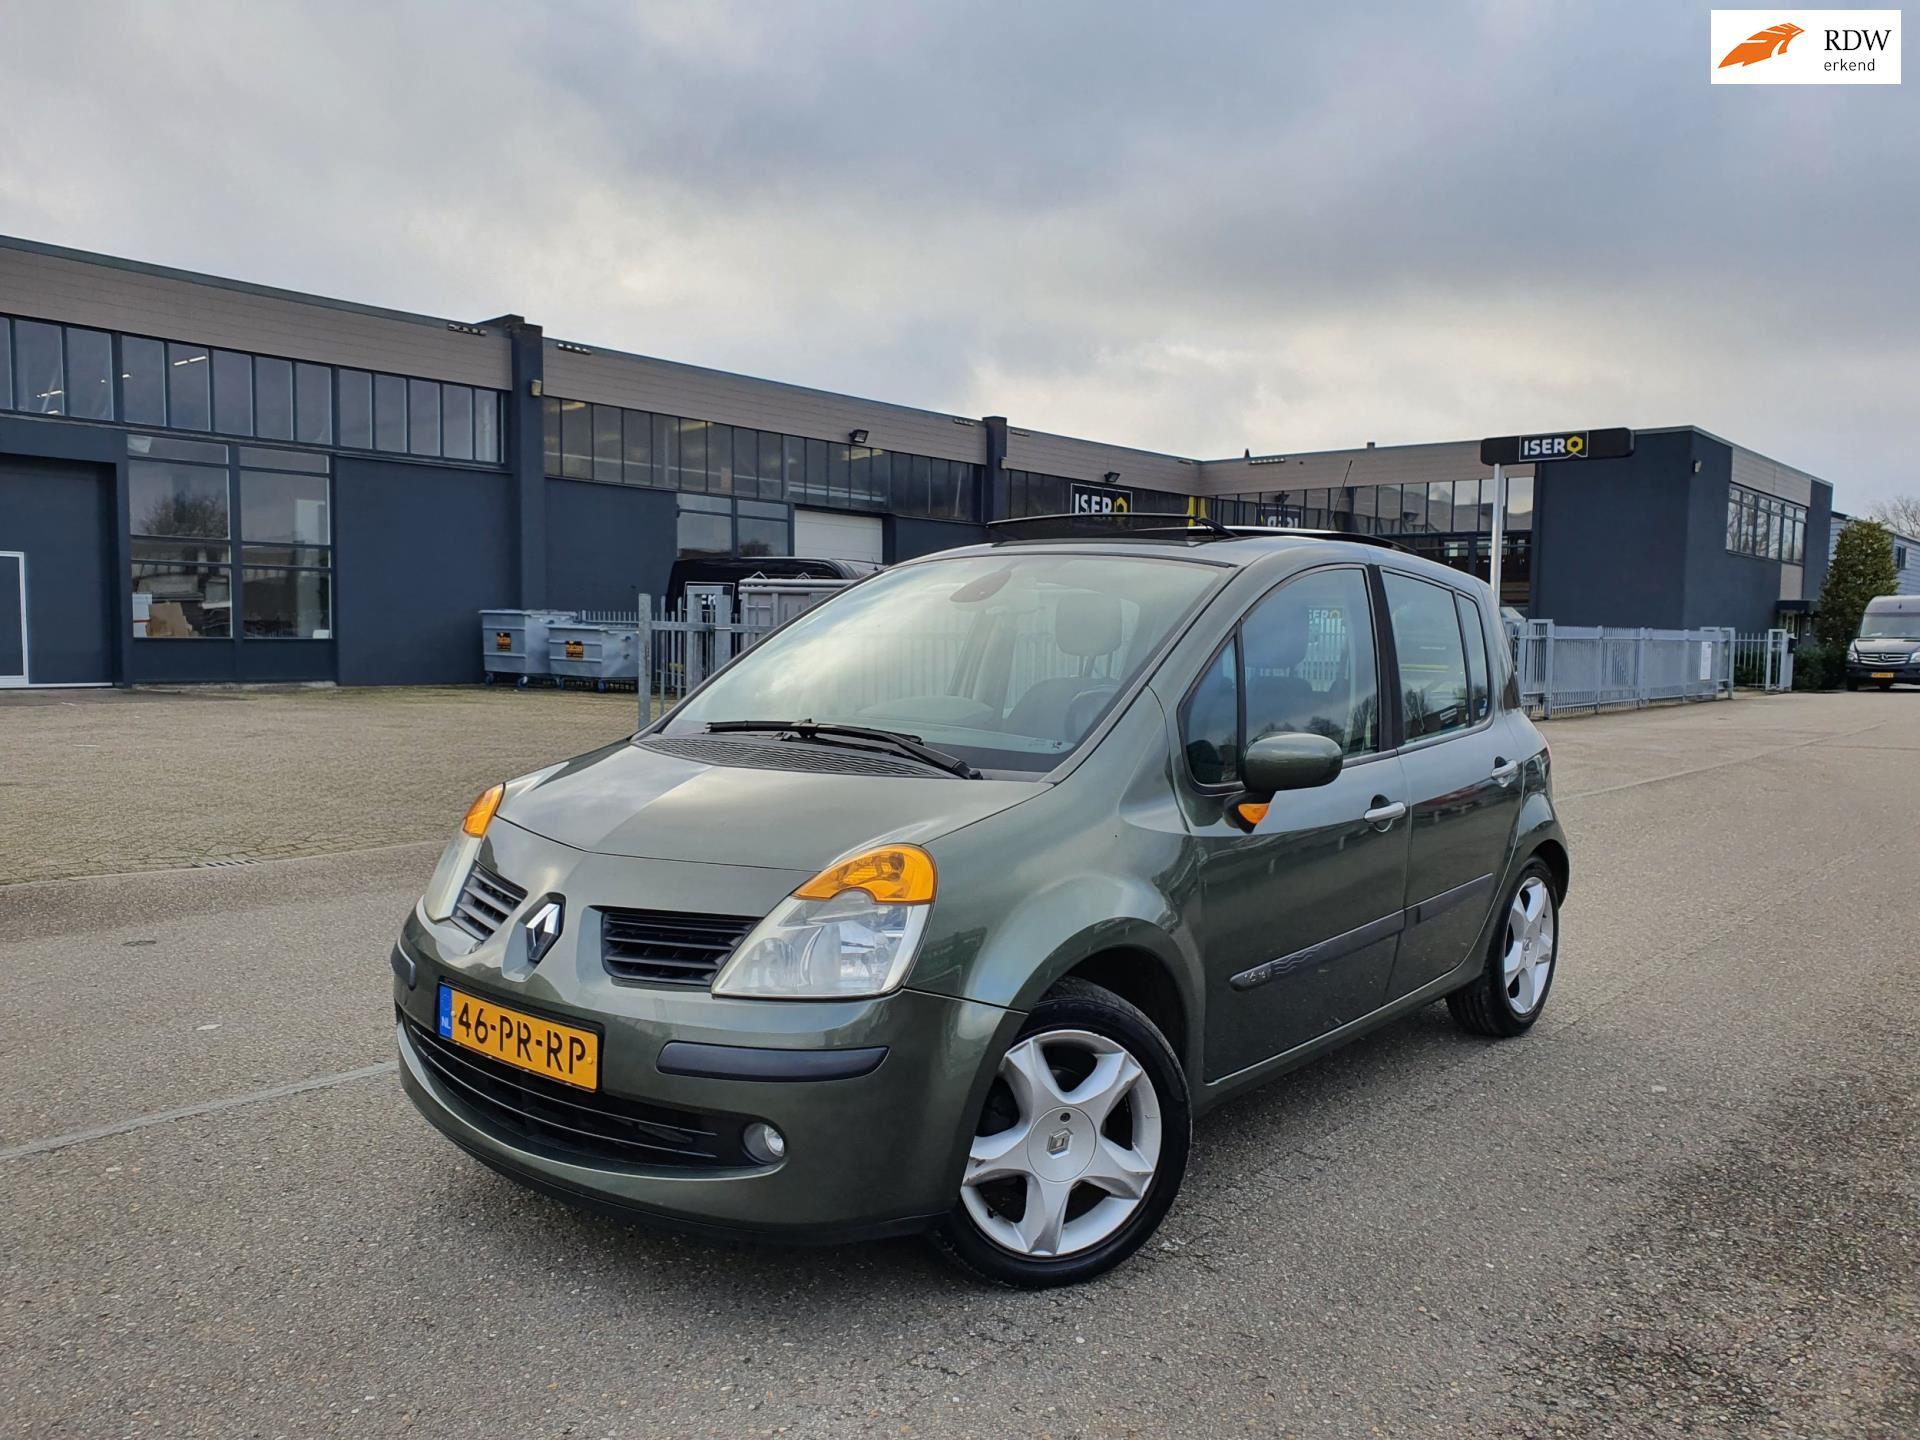 Renault Modus occasion - Autohandel Direct